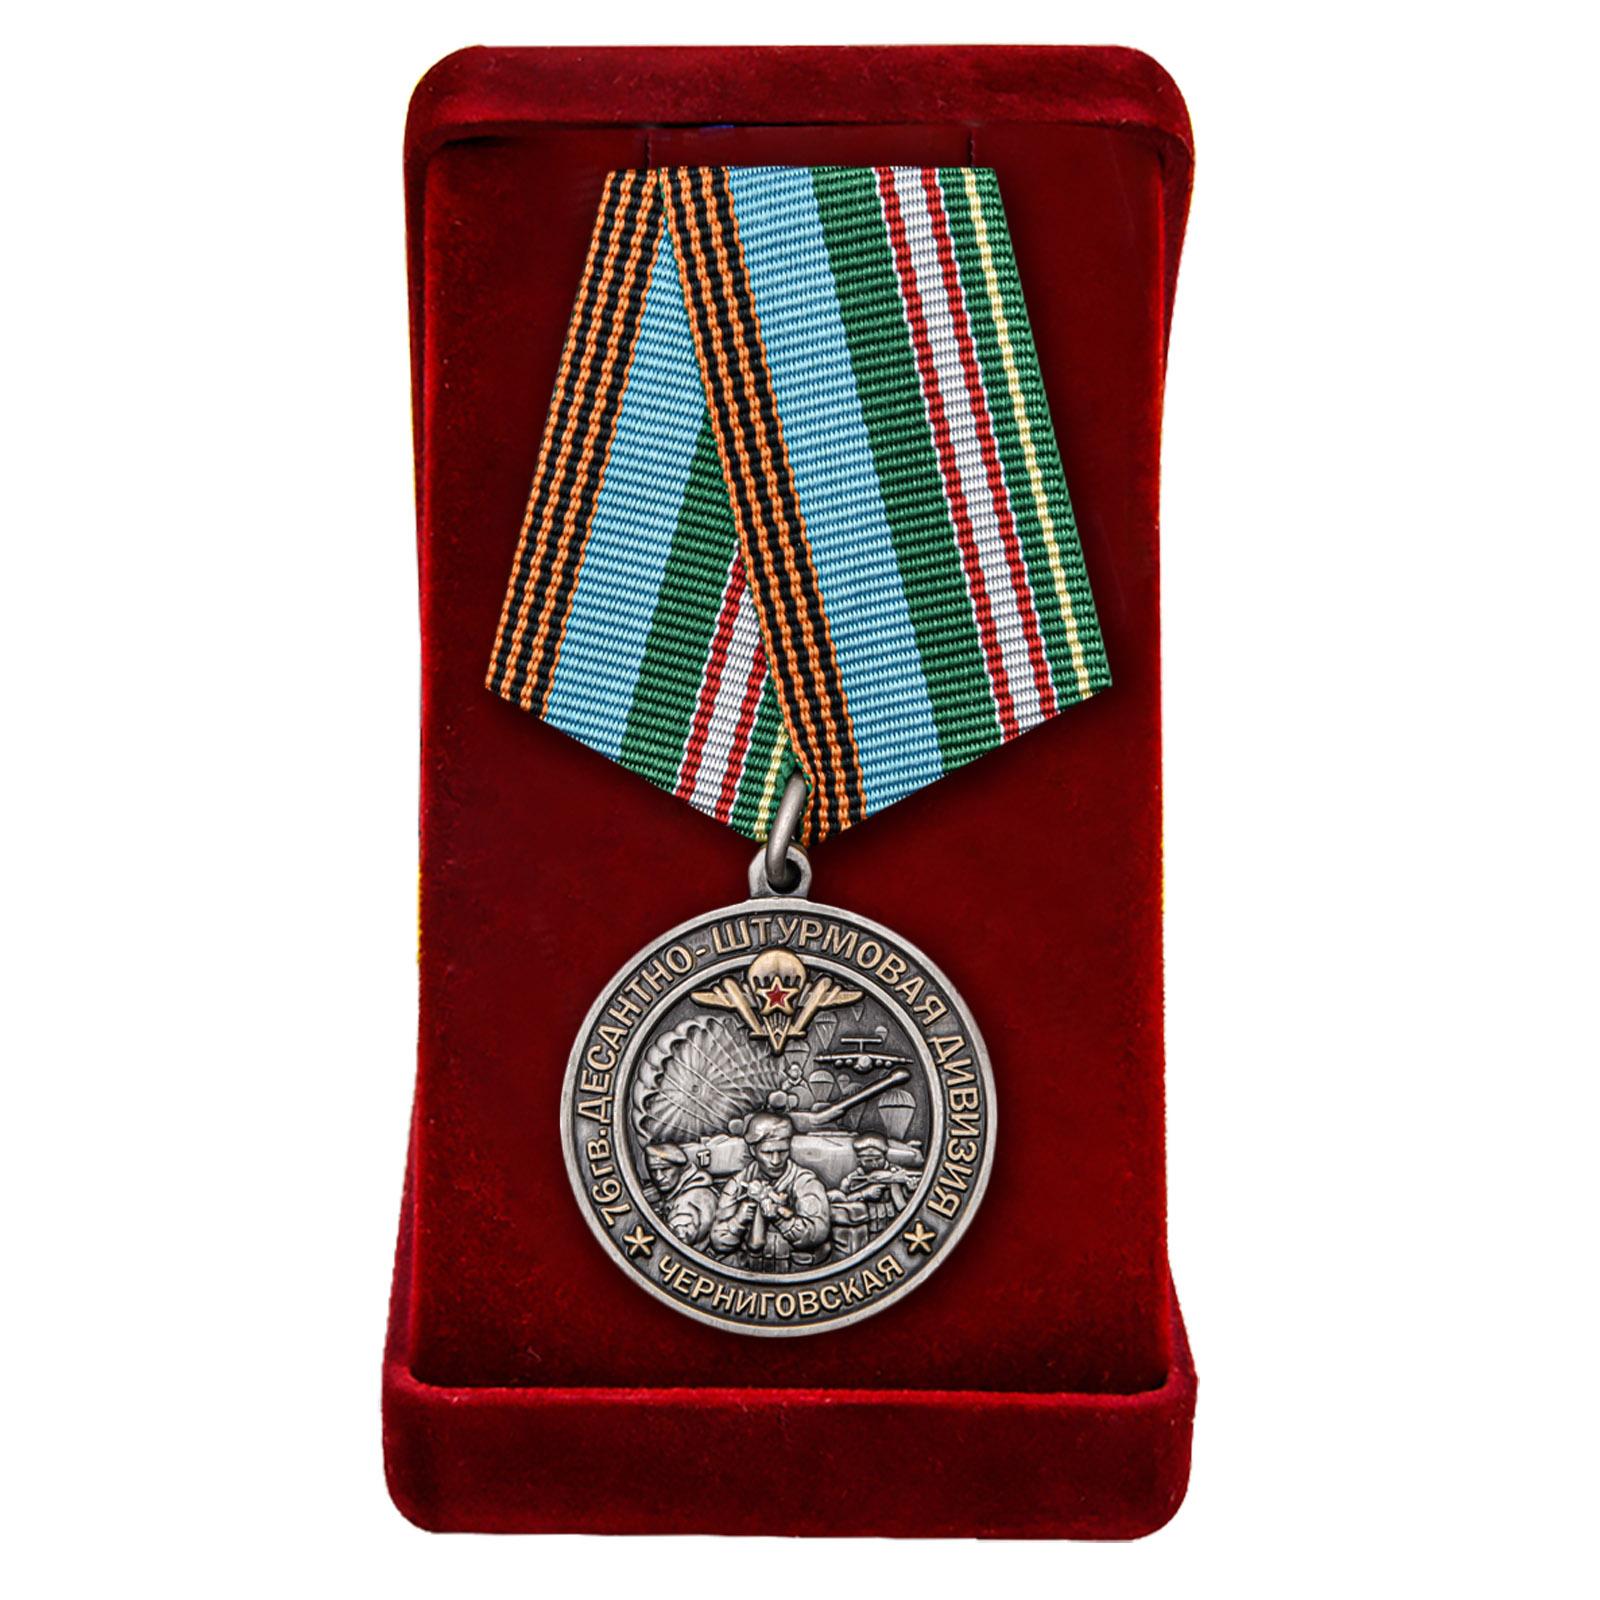 Медаль 76-я гв. Десантно-штурмовая дивизия